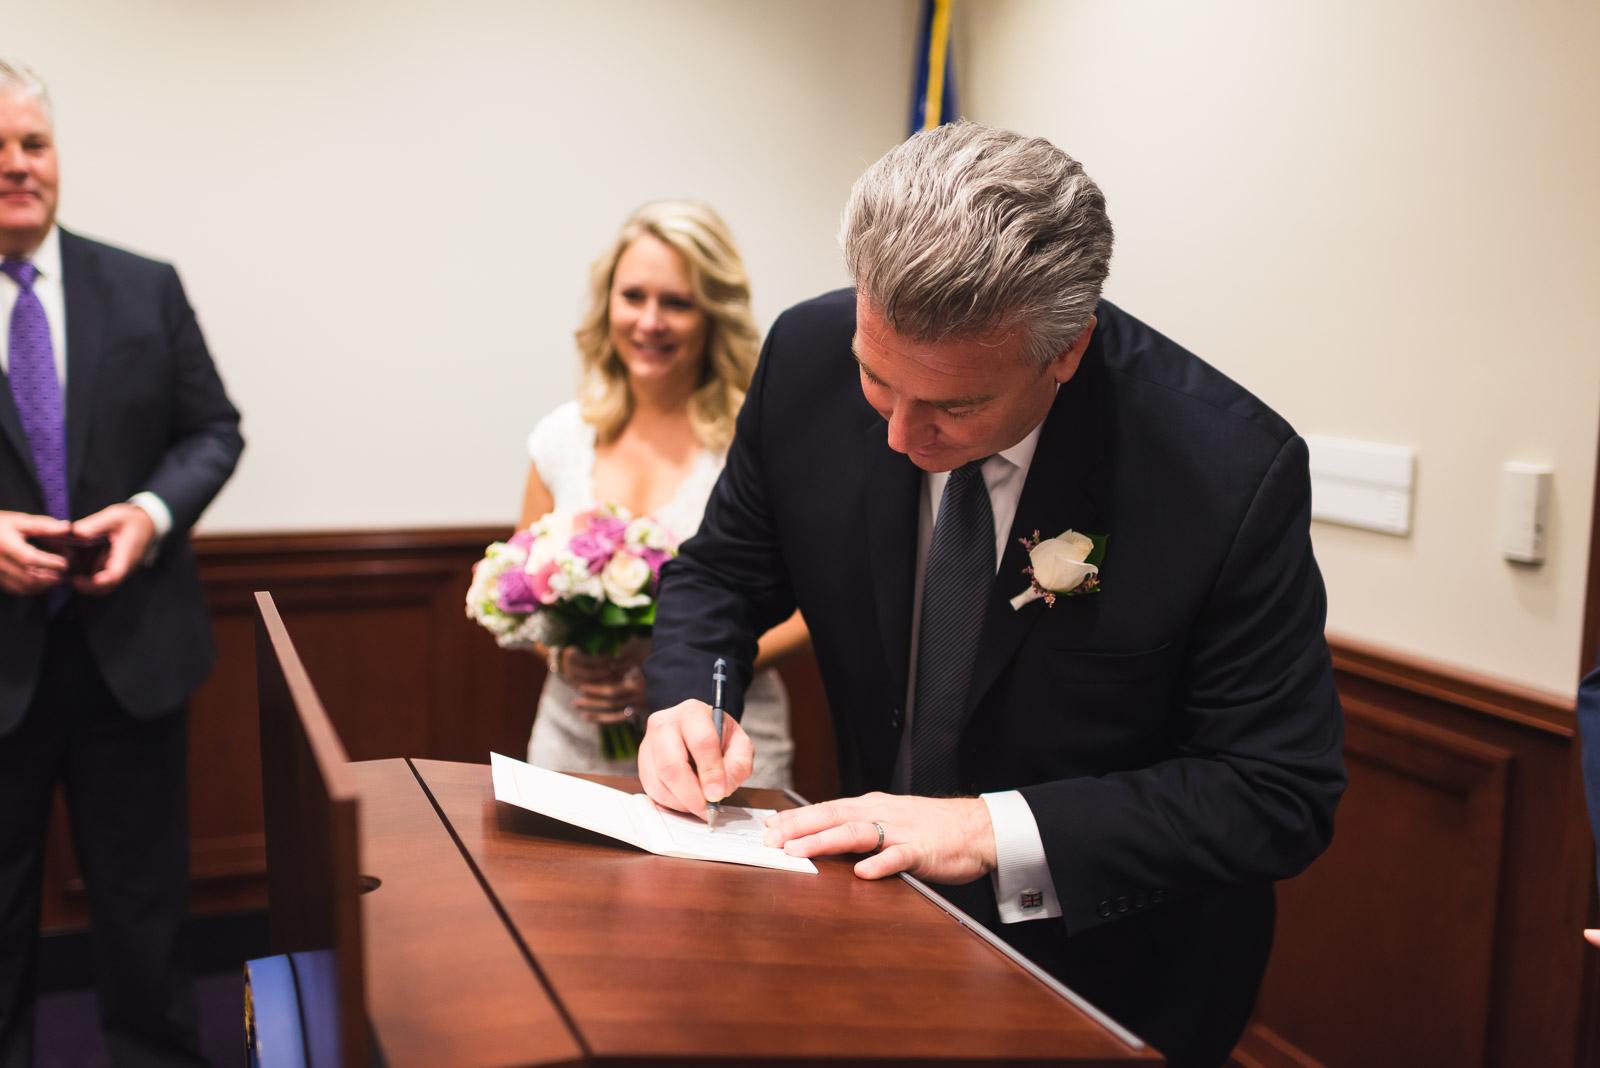 phill-cherie-wedding-014-blog.jpg